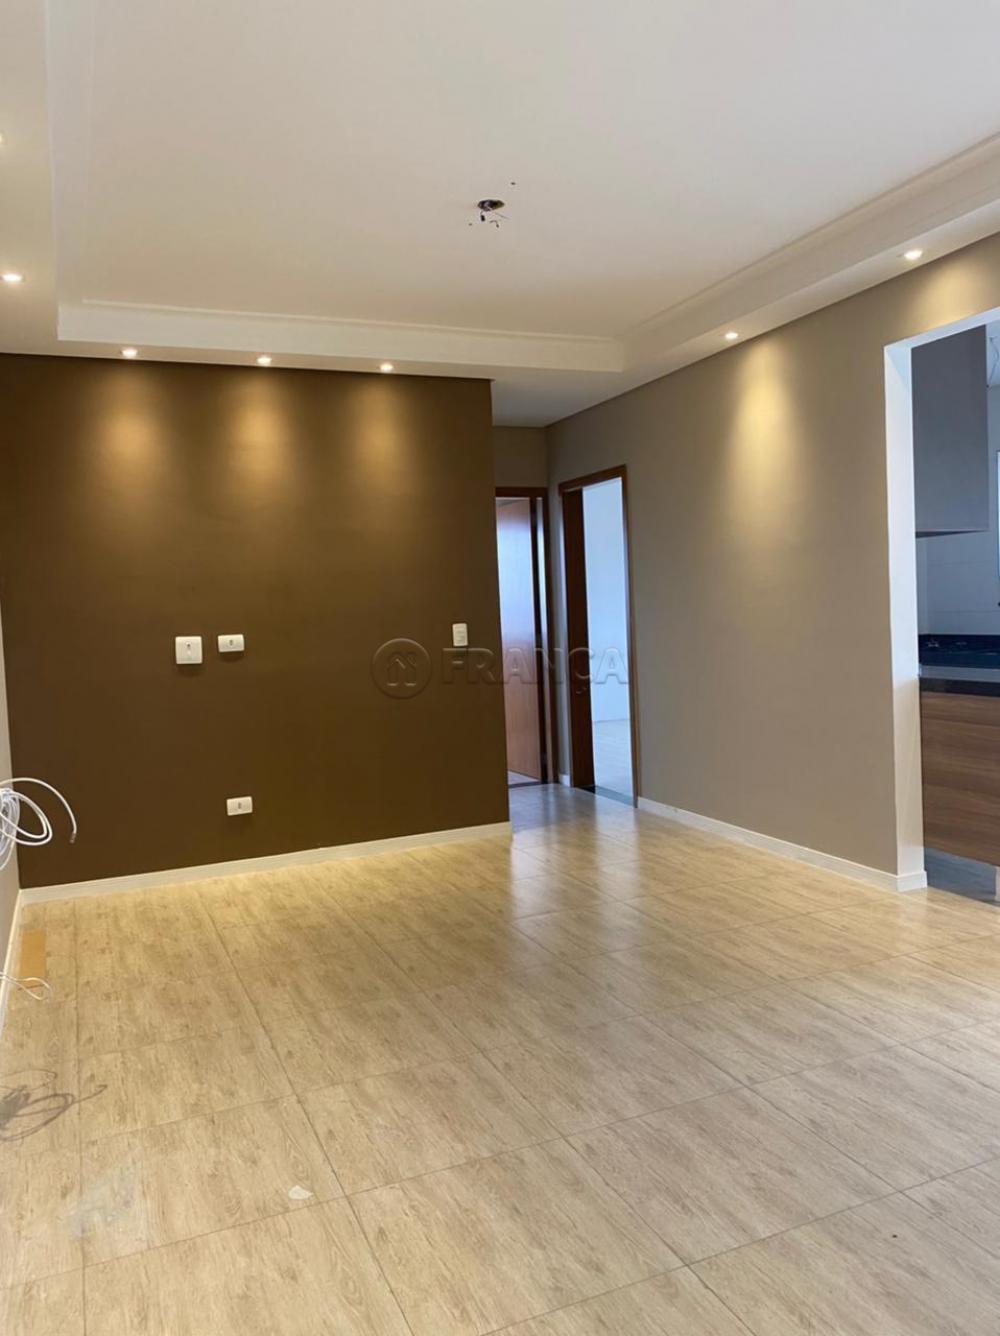 Alugar Apartamento / Padrão em Jacareí R$ 1.300,00 - Foto 2